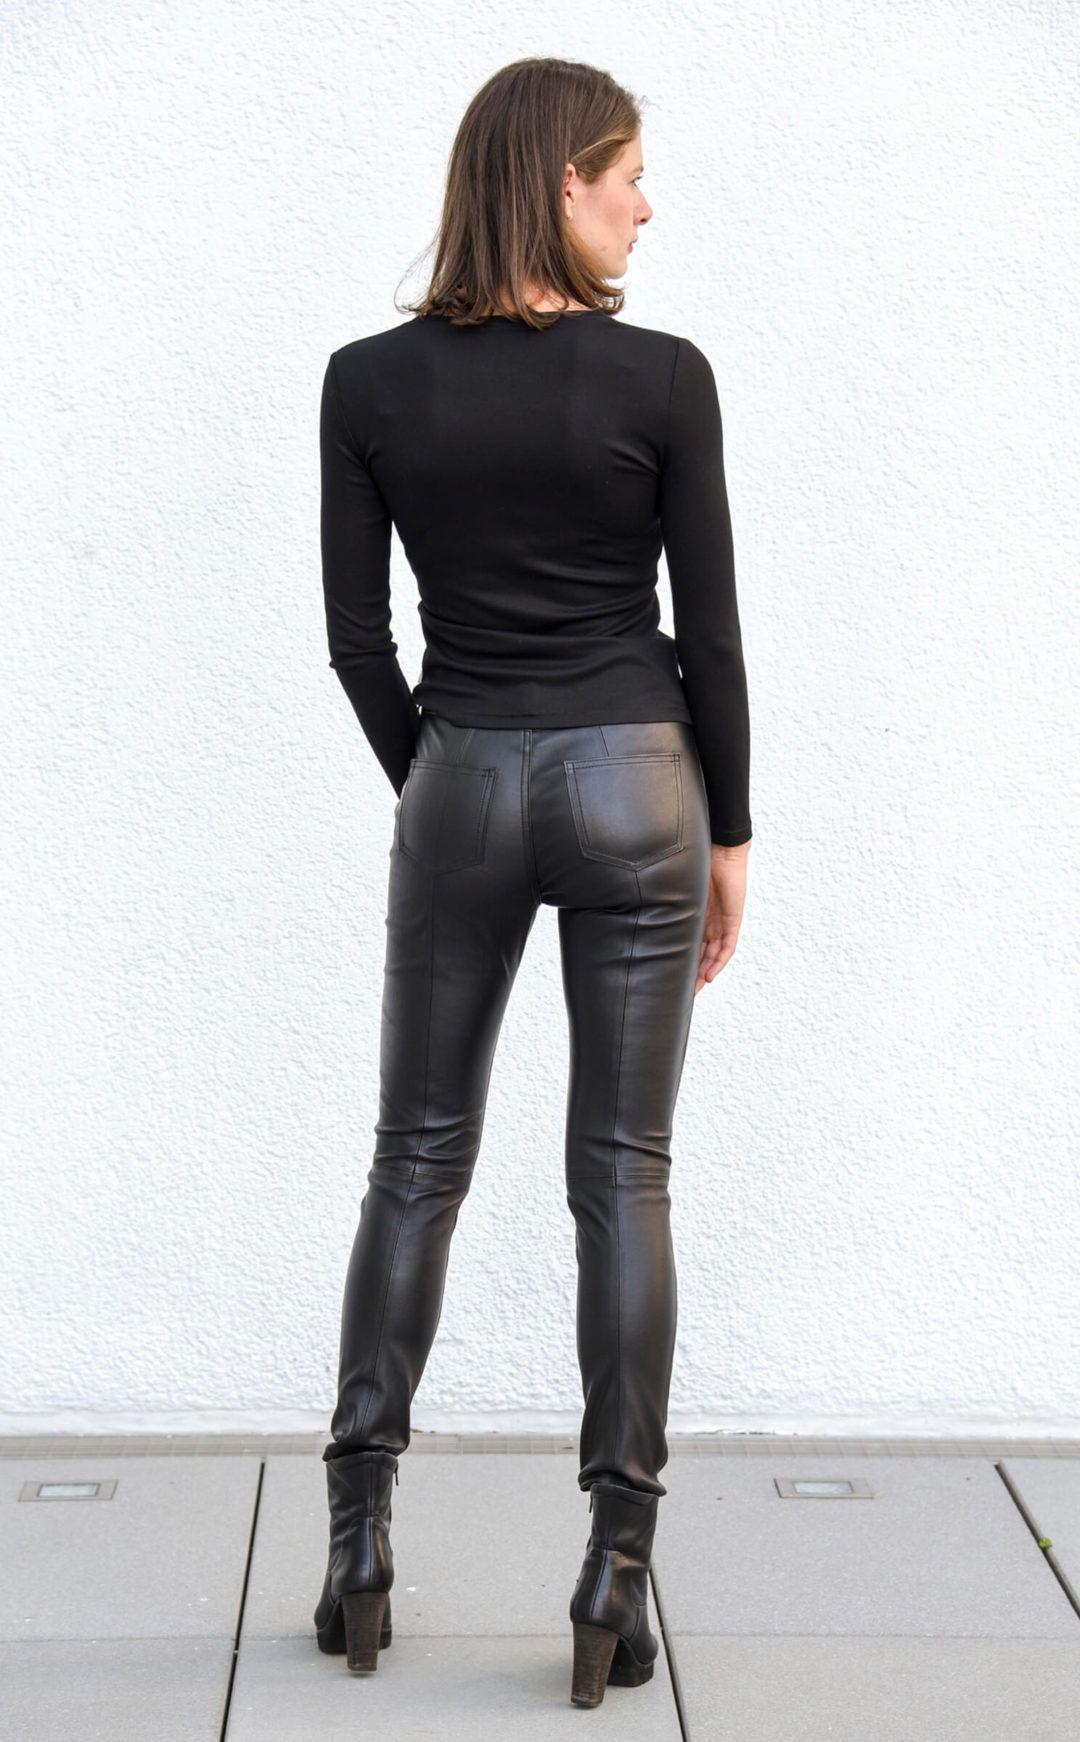 Damen Leder Jeans, Nappaleder, Schwarz | wunschleder